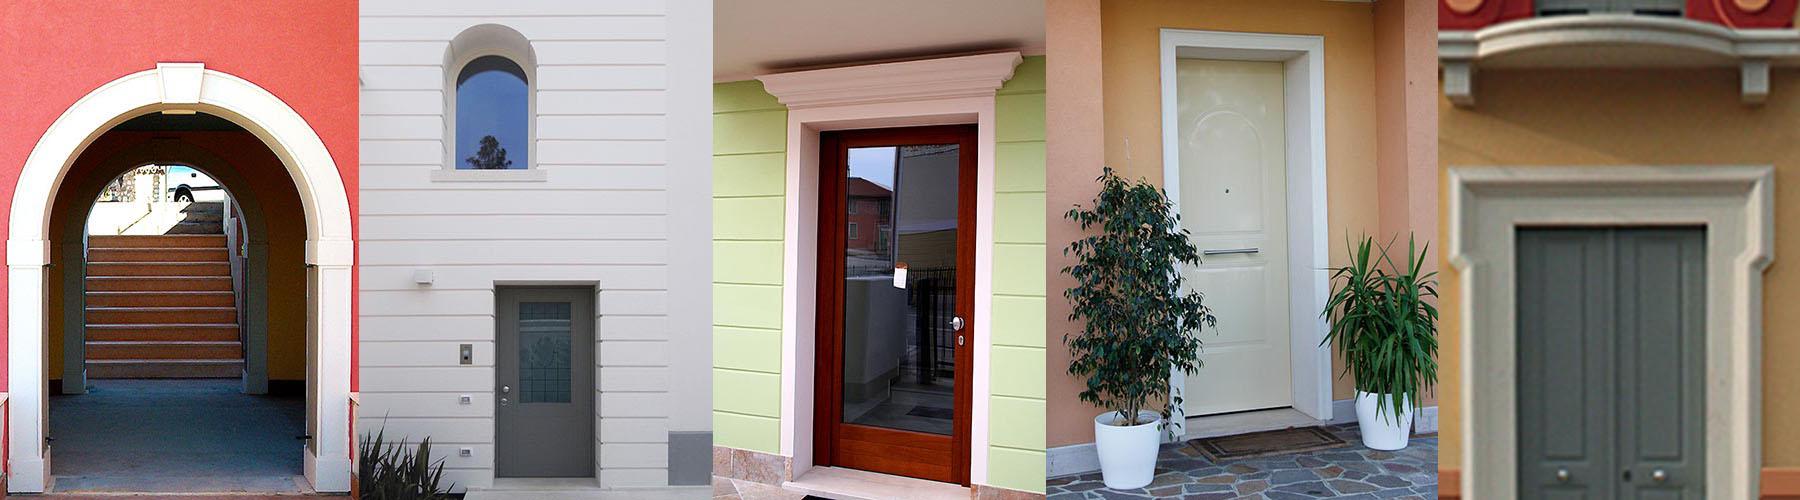 Cornici per porte esterne e portoni ingresso in for Decorazione entrata casa